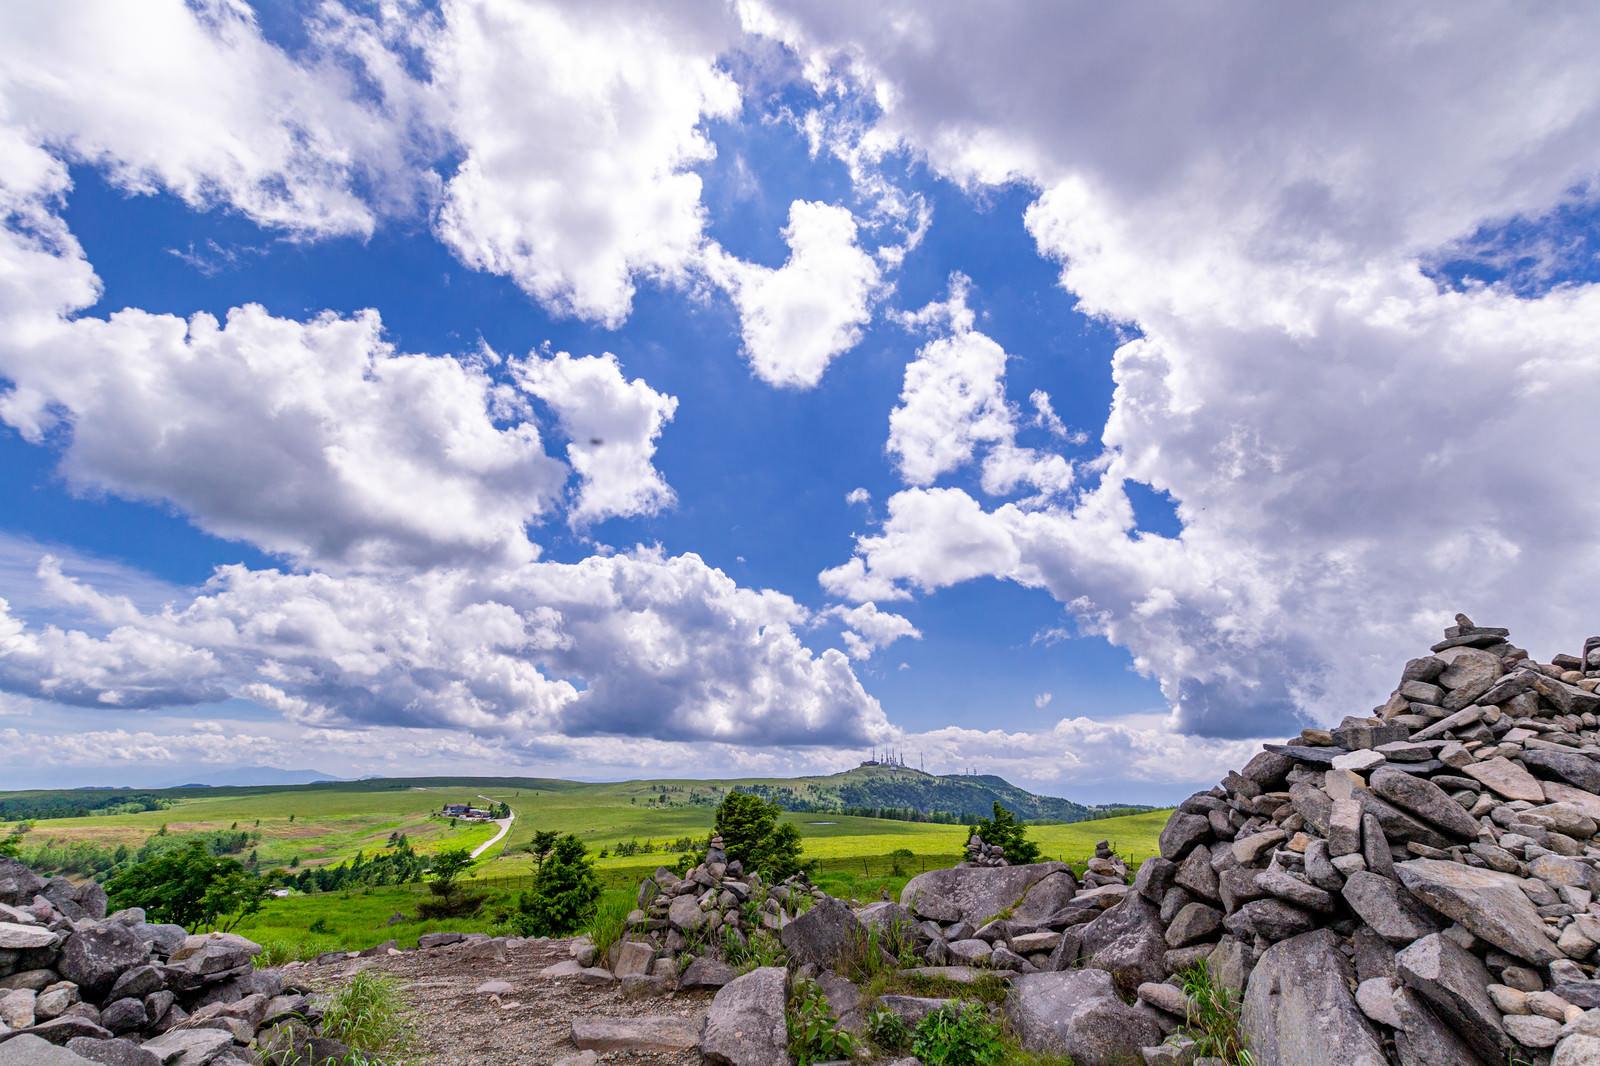 「登山道脇のケルン(美ヶ原)」の写真